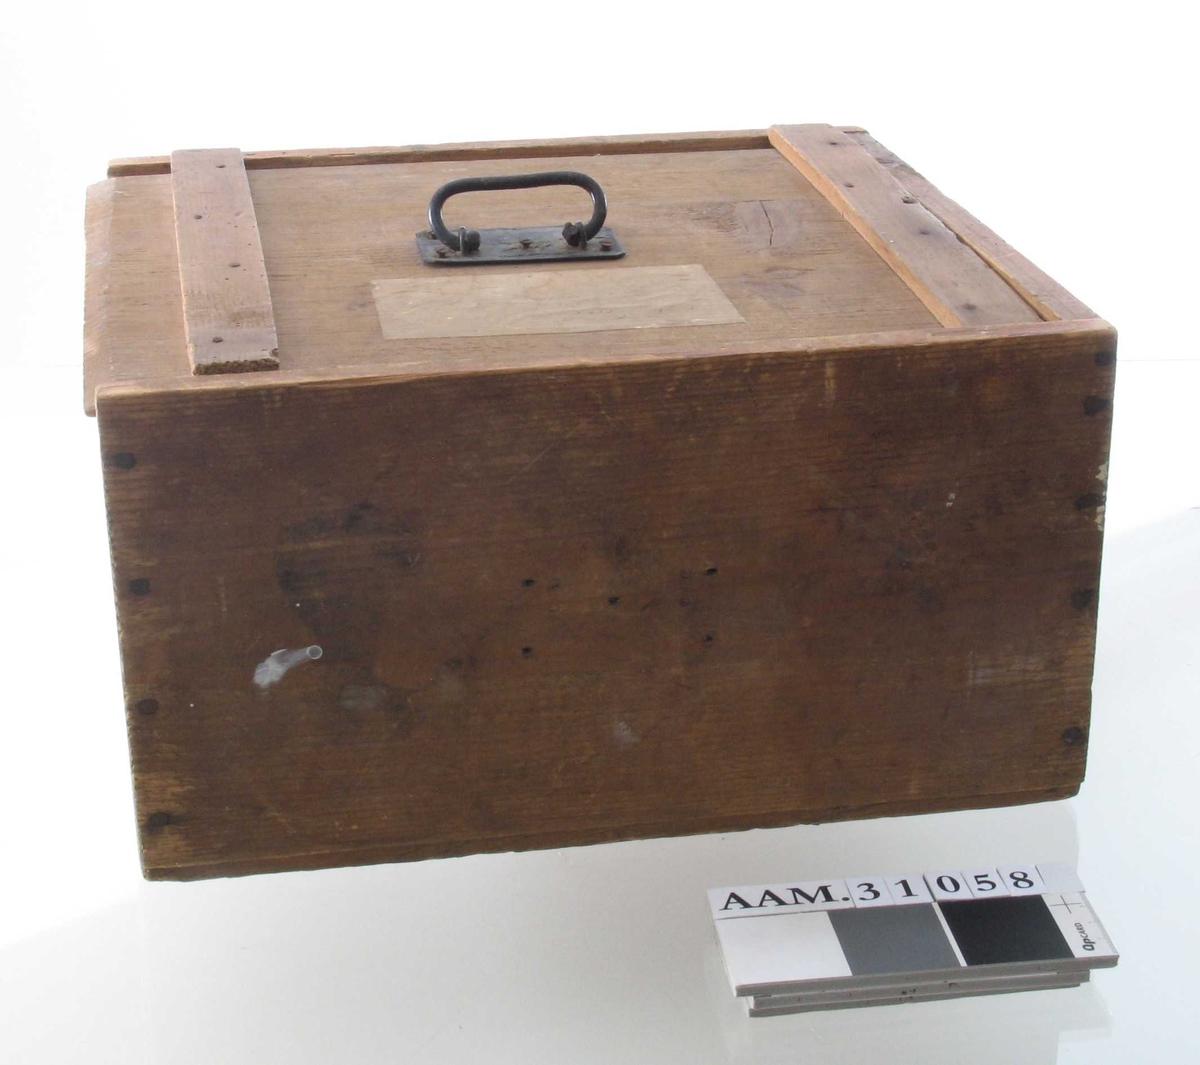 Liten maskin med håndsveiv, montert på plate av stein (?). Oppbevart i tilpasset trekasse med skyvelokk og håndtak.